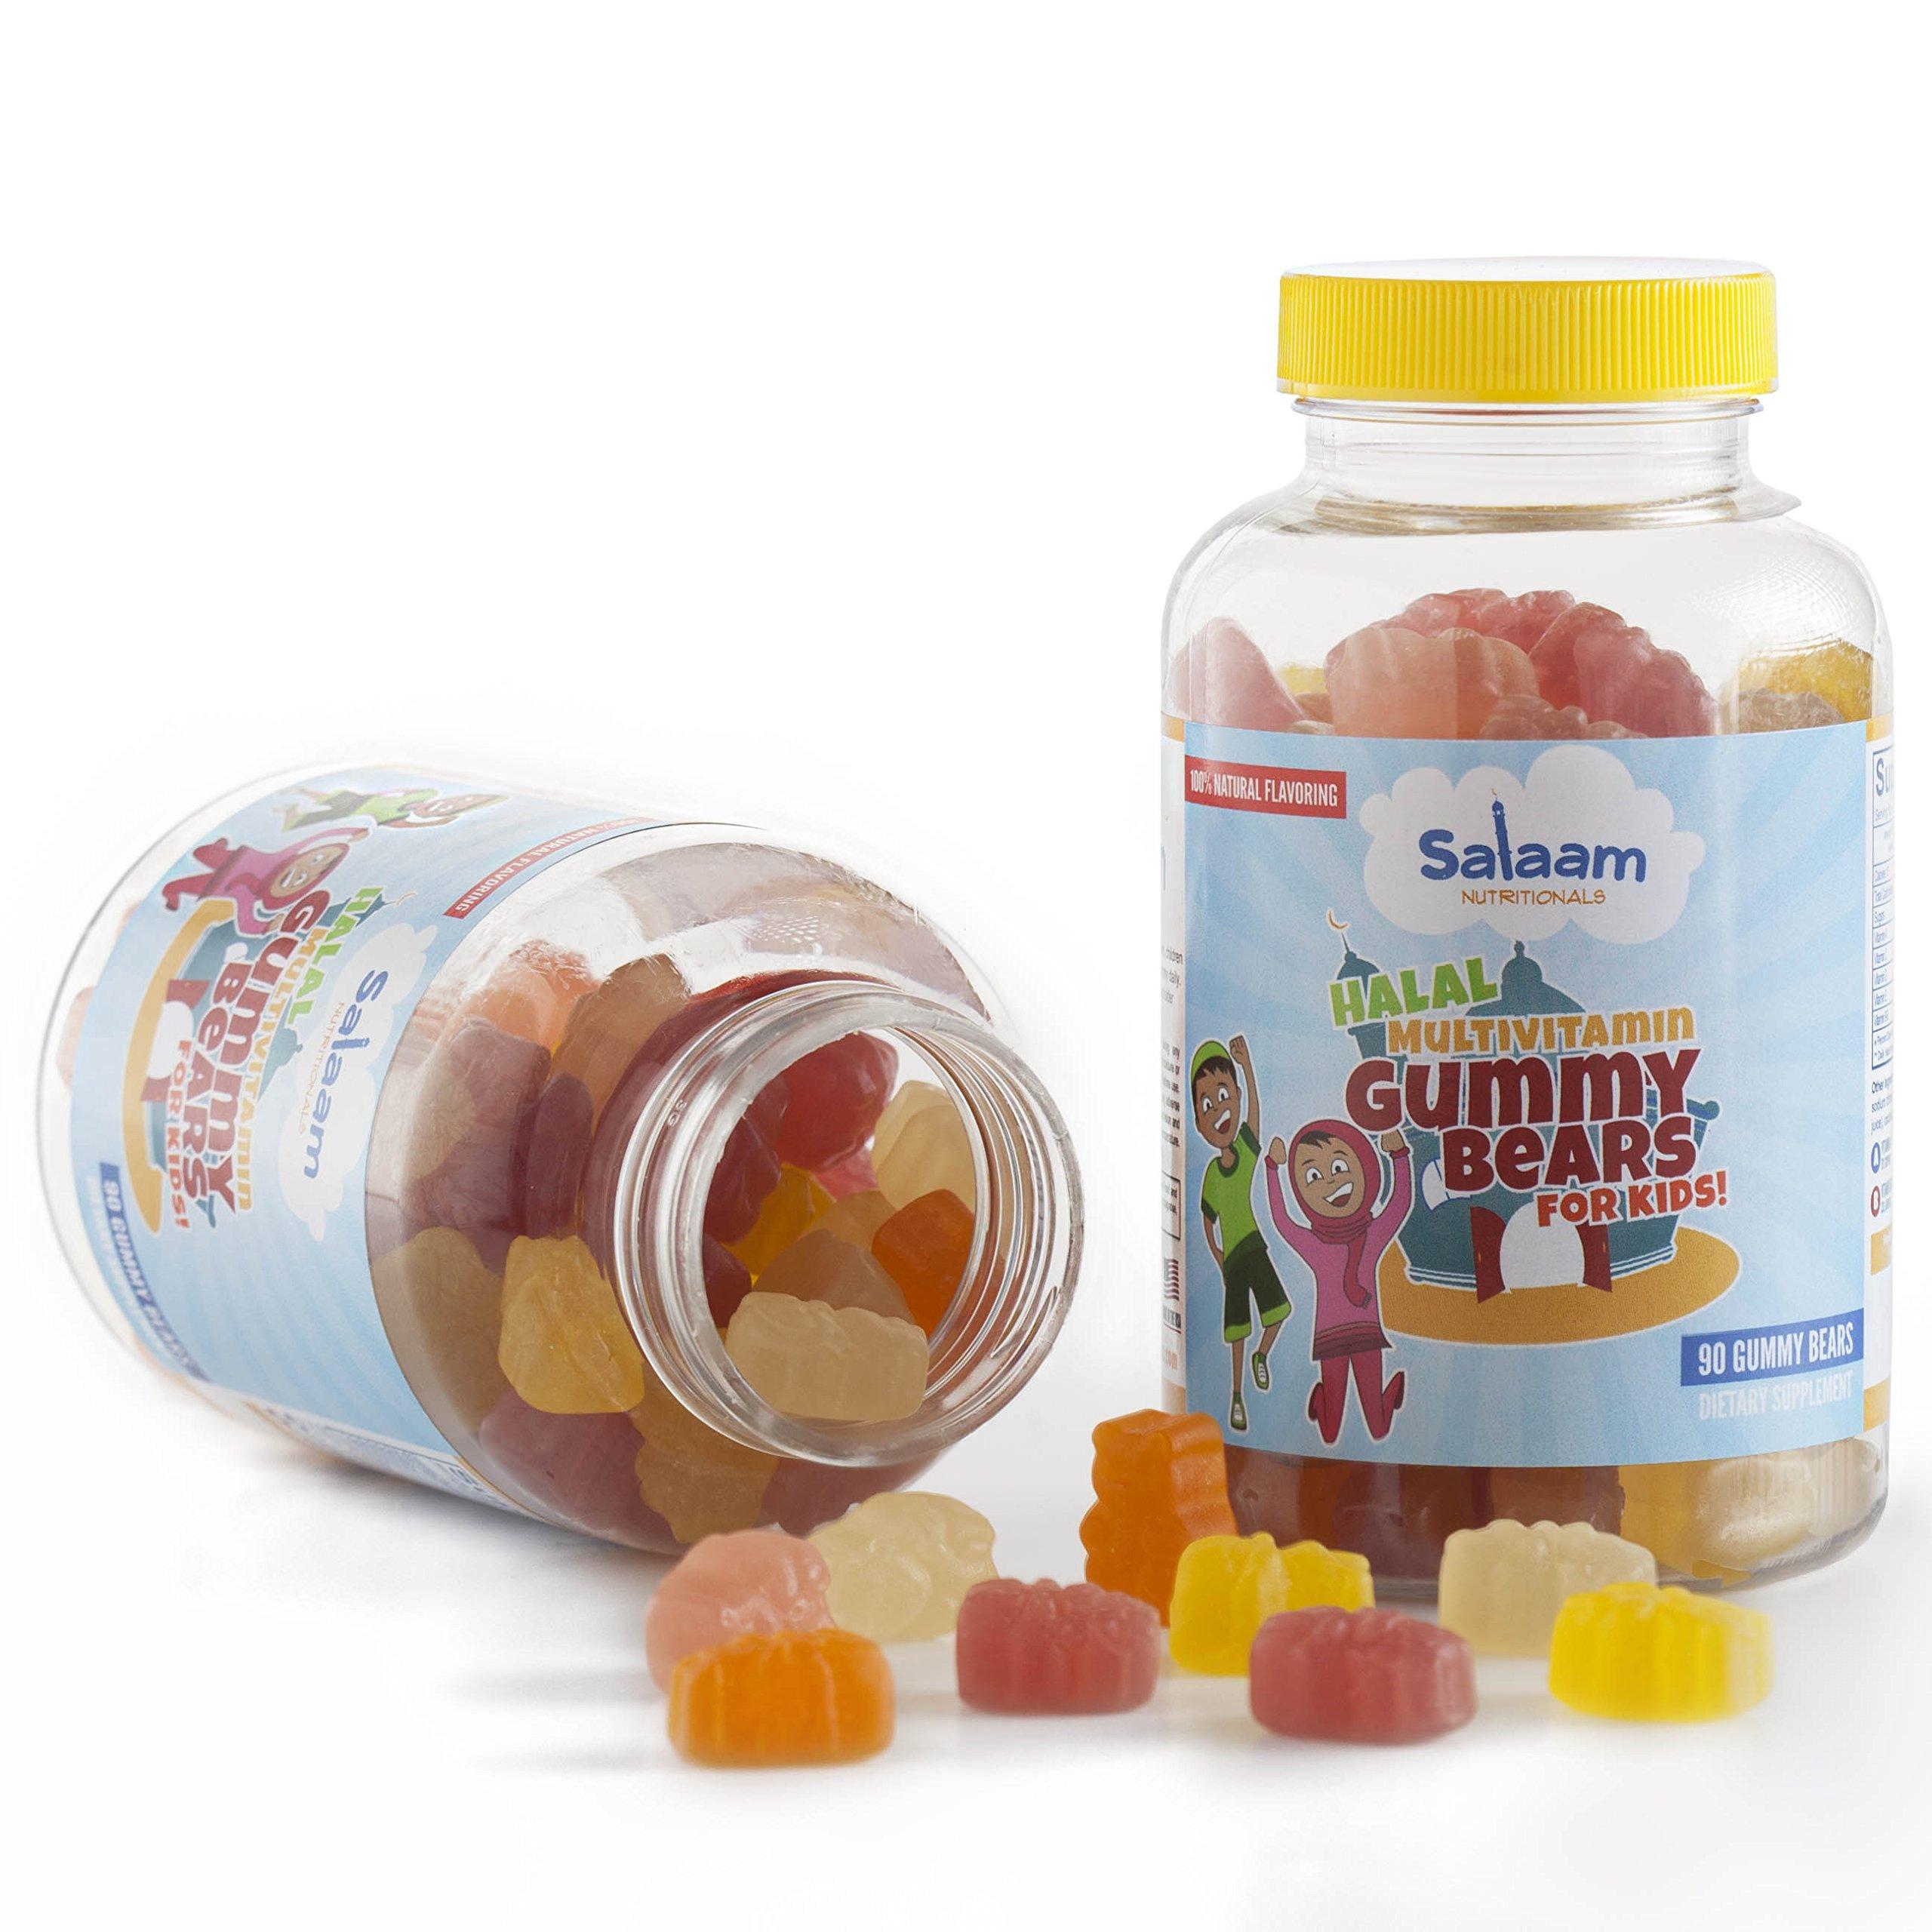 Salaam Nutritionals Halal Gummy Multivitamins for Kids, Complete Nutrition, Pectin Based *Best Tasting* (2 pack)